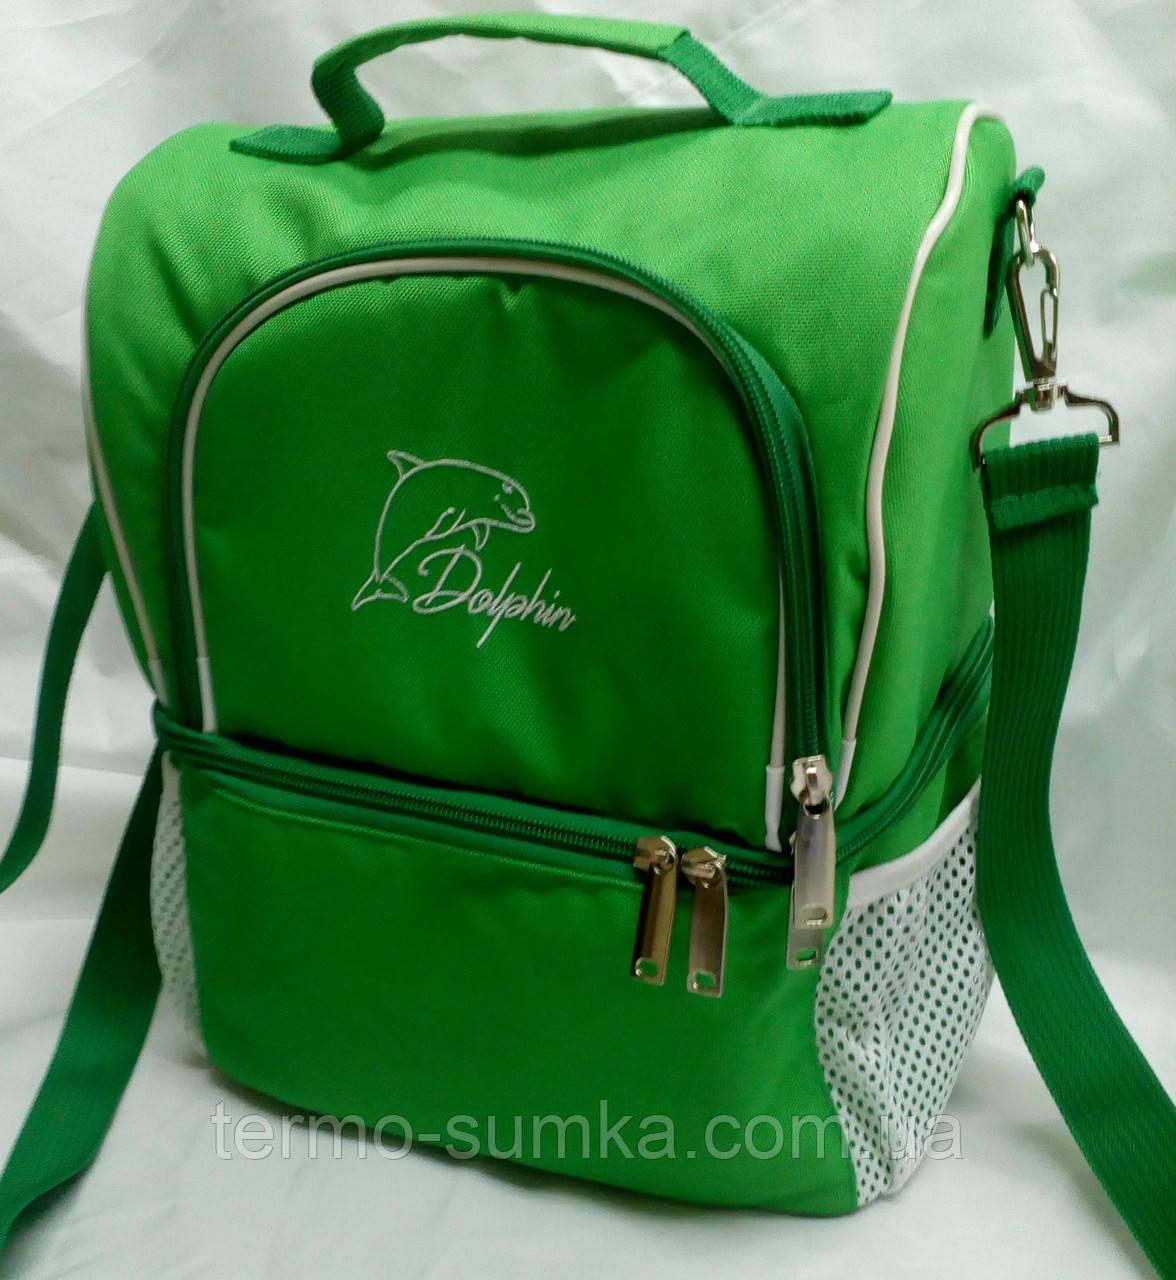 Ланч бокс, термосумка - рюкзак для еды, ланч бэг, терморюкзак для обеда, сумка холодильник. Салатовый